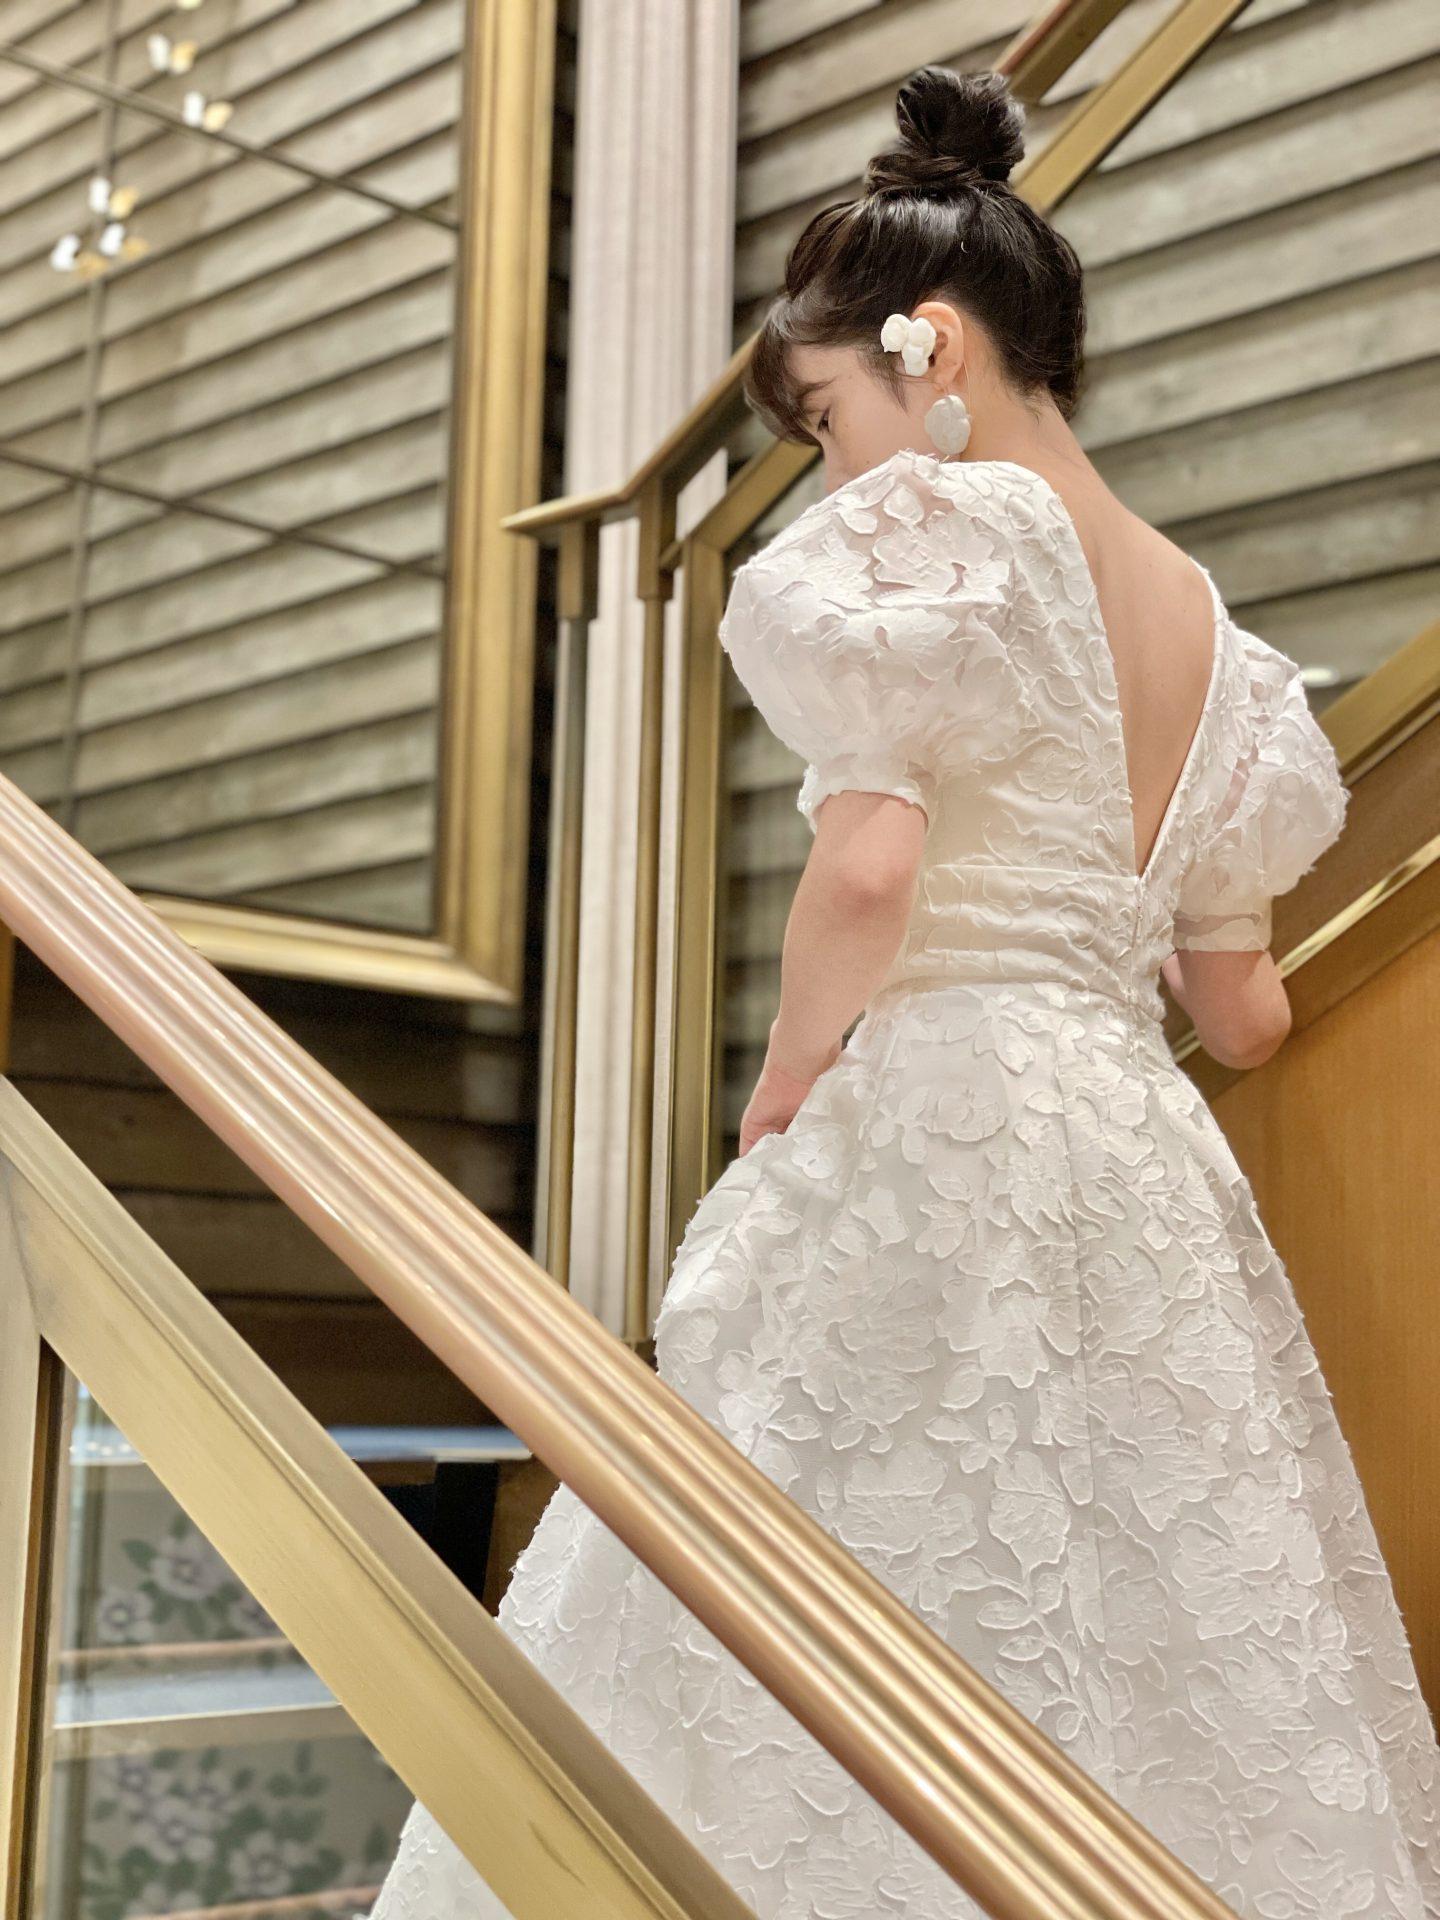 ザ・ガーデンオリエンタル大阪におすすめの上品なウエディングドレス